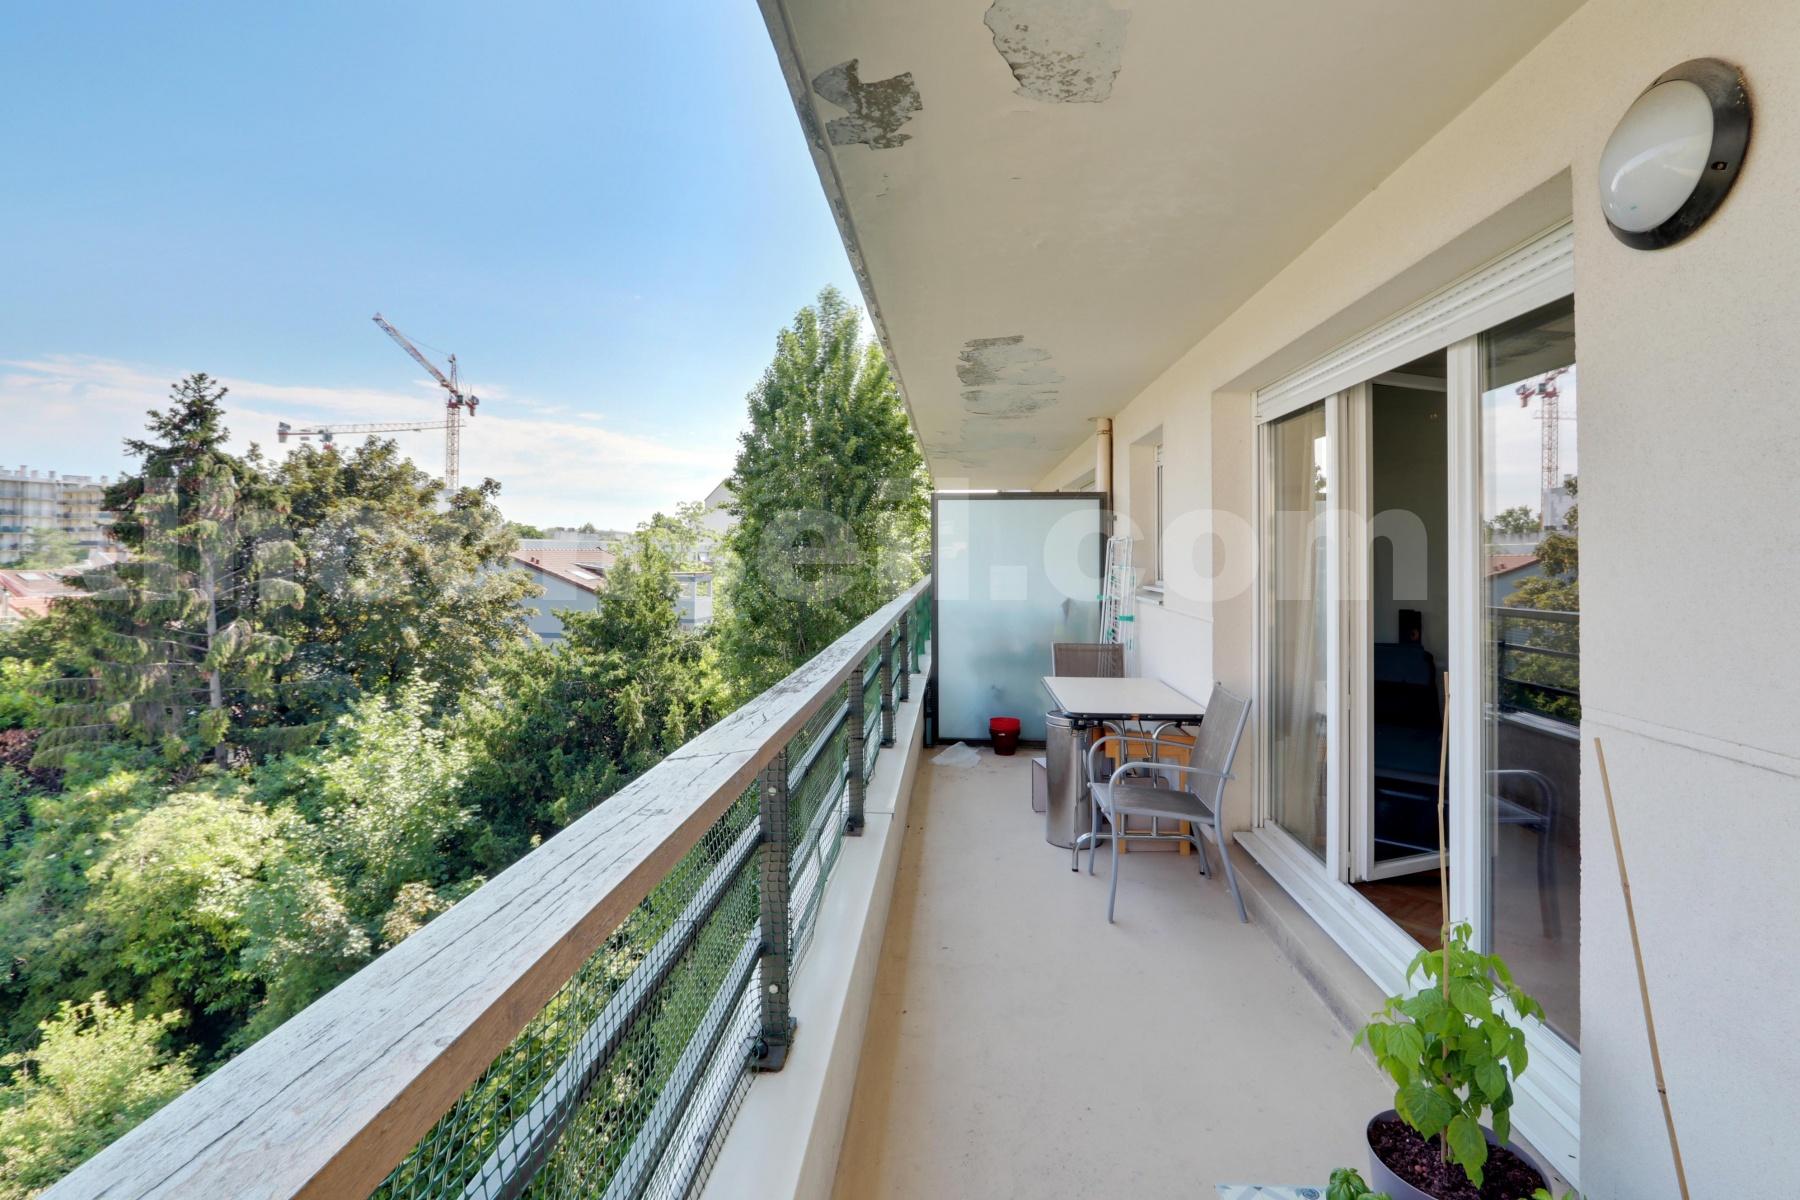 Vente Appartement de 4 pièces 89 m² - COLOMBES 92700 | KLH Conseil -  photo3